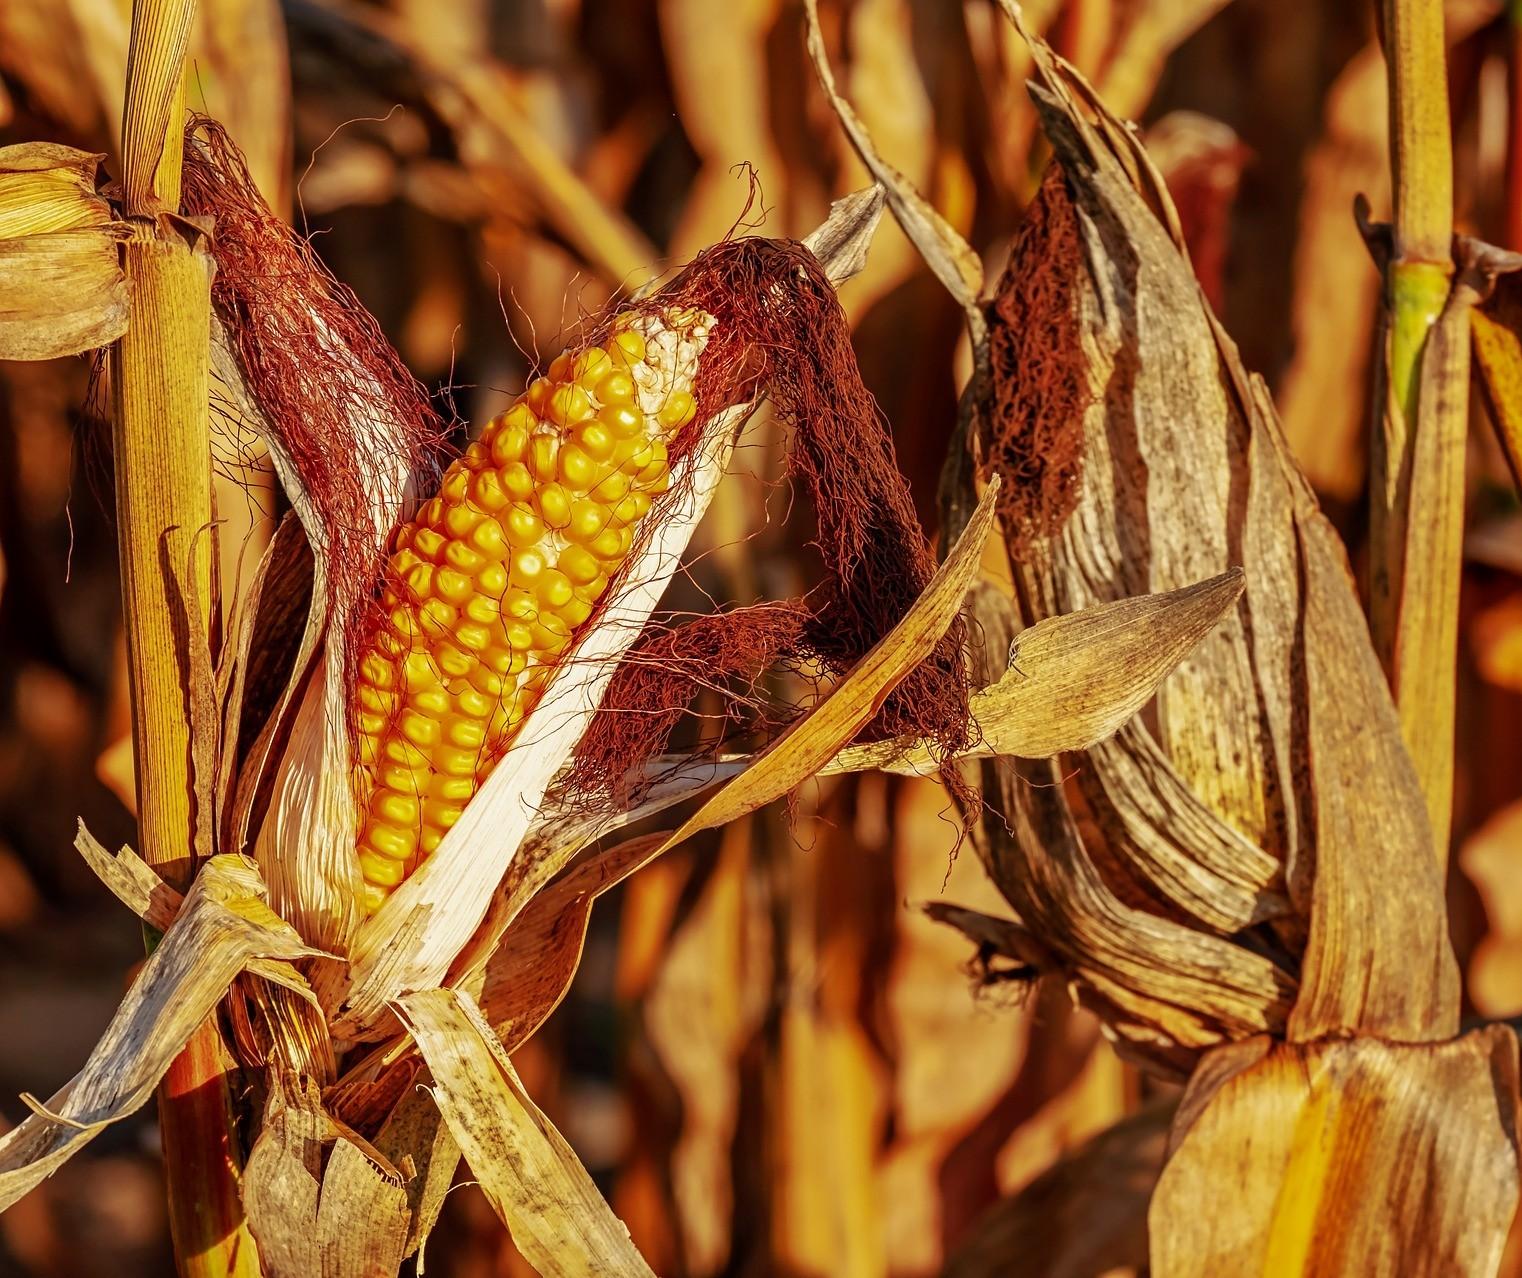 Governo vai retirar tarifas de importação de arroz, milho e soja